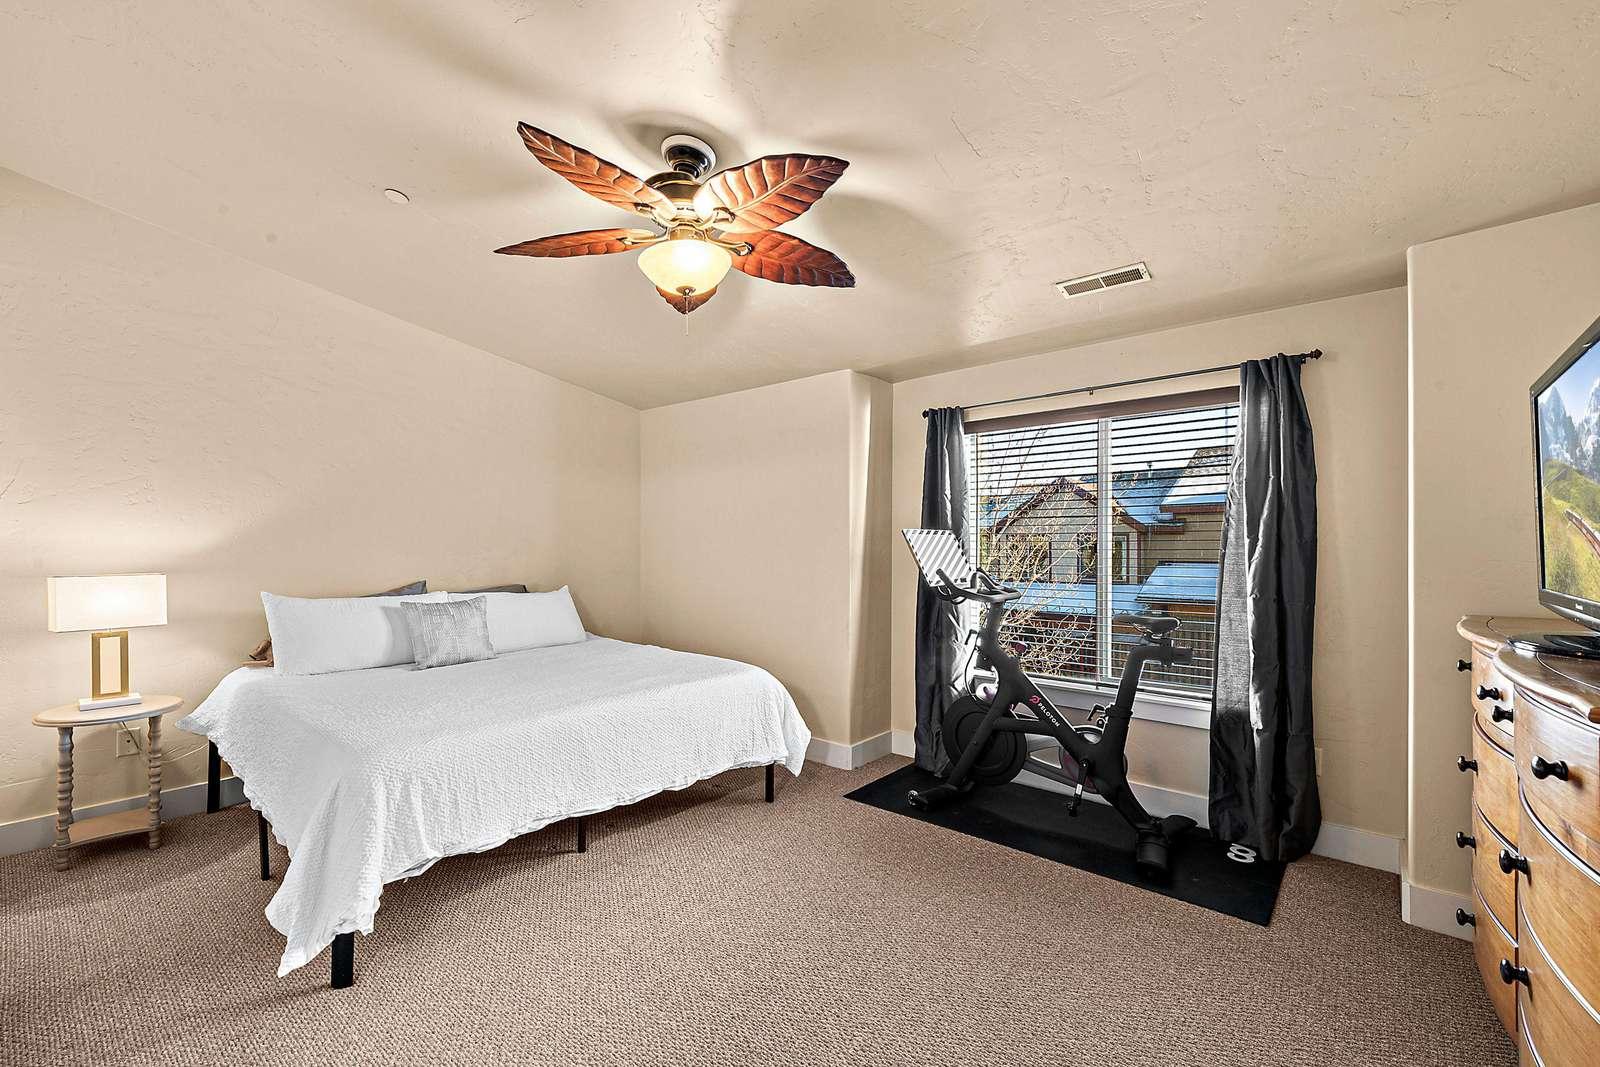 Top floor Master bedroom with en-suite bathroom